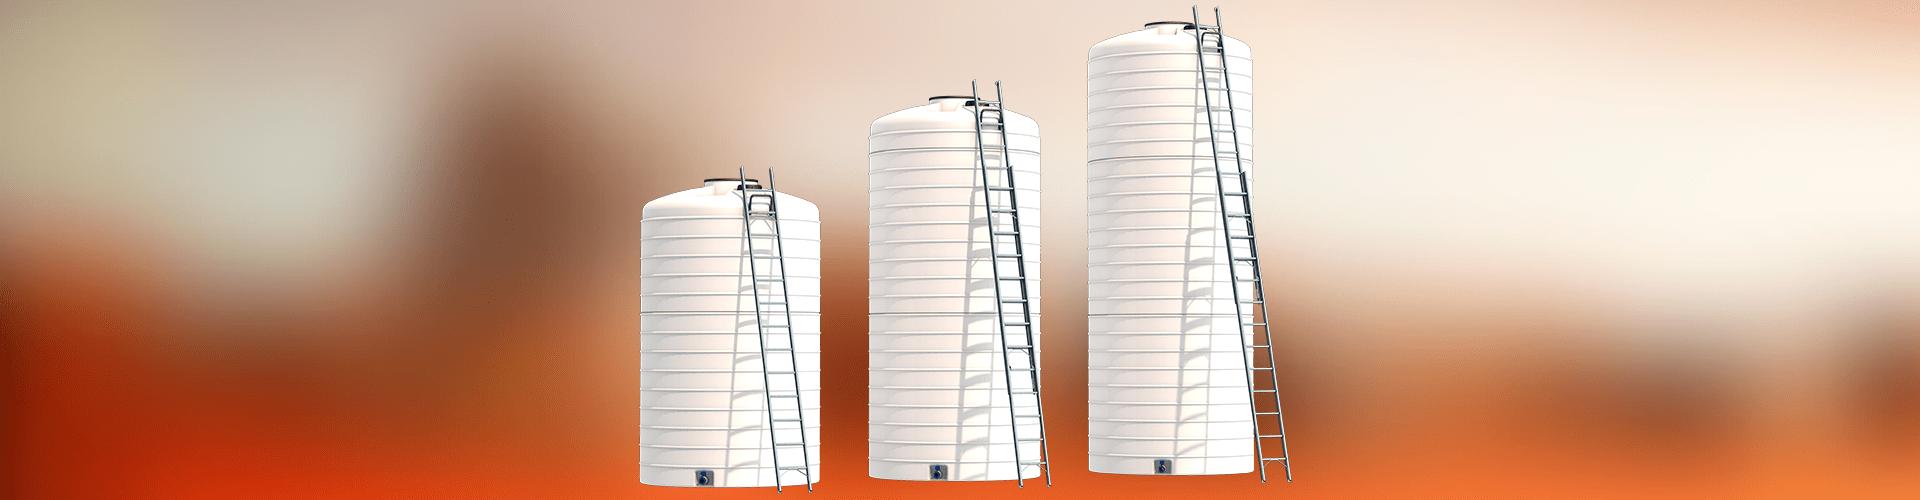 banner-drp-tre-siloer